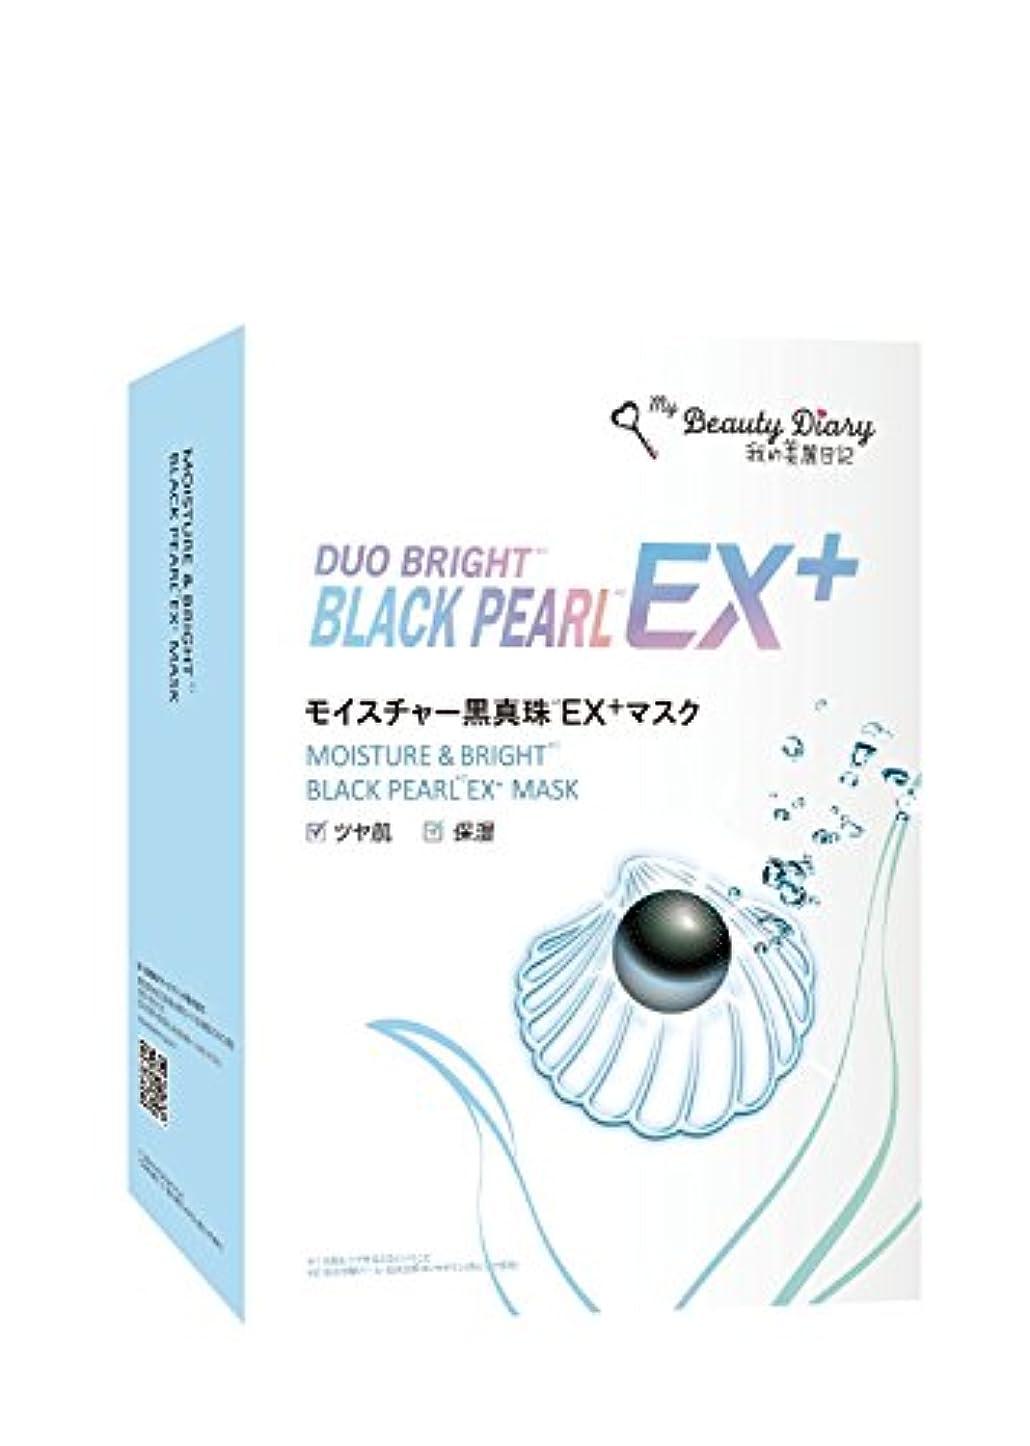 復讐そう上陸我的美麗日記-私のきれい日記- モイスチャー黒真珠EX+マスク 6枚入